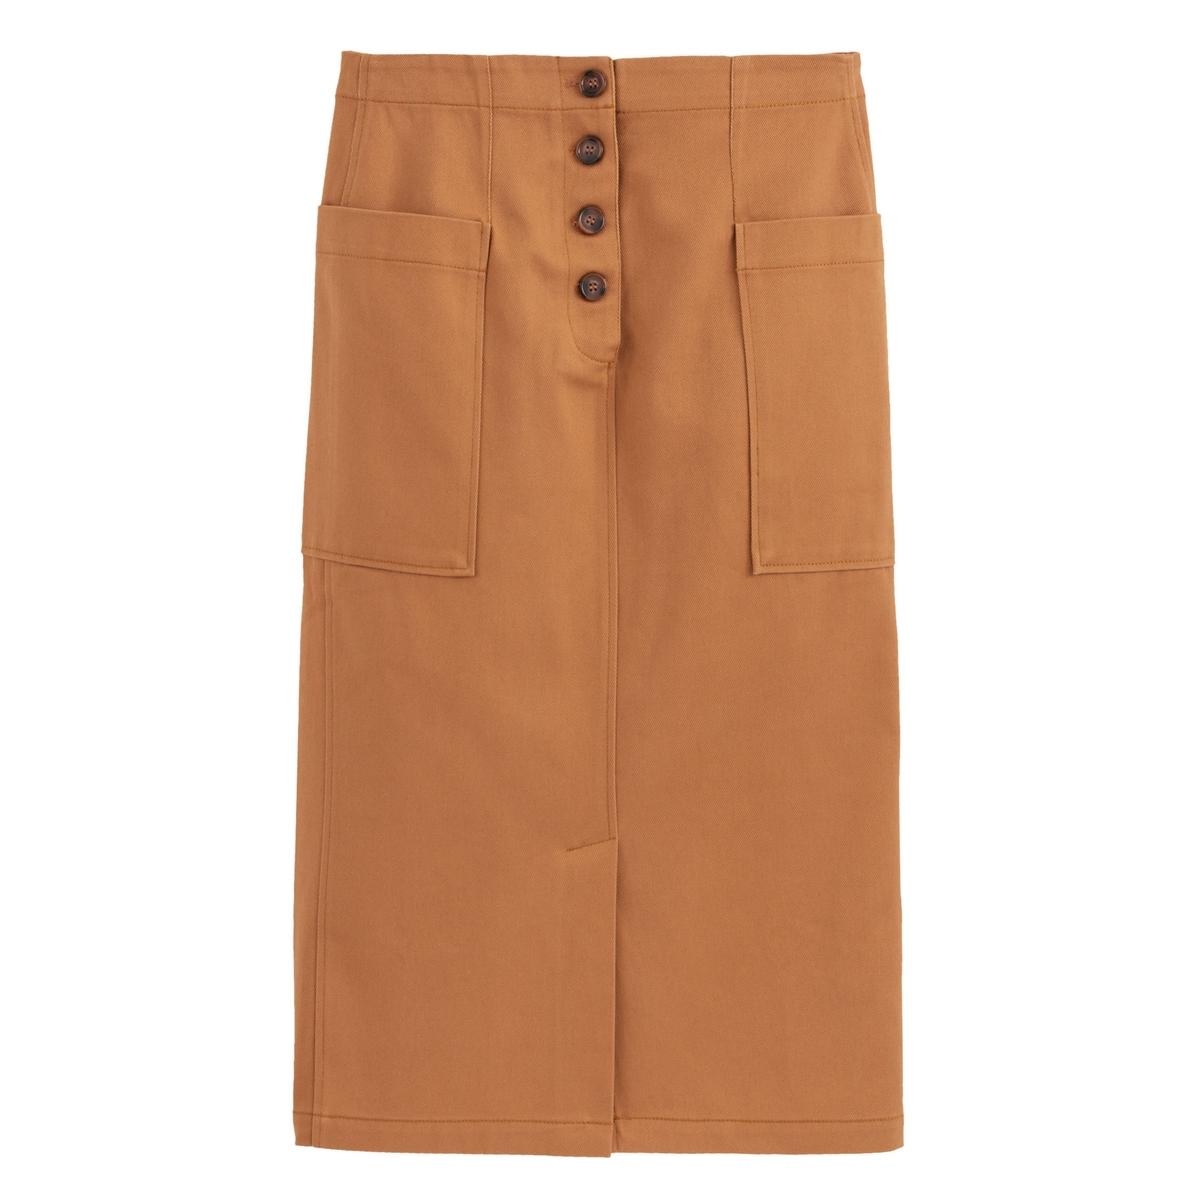 Falda recta y larga 100% algodón